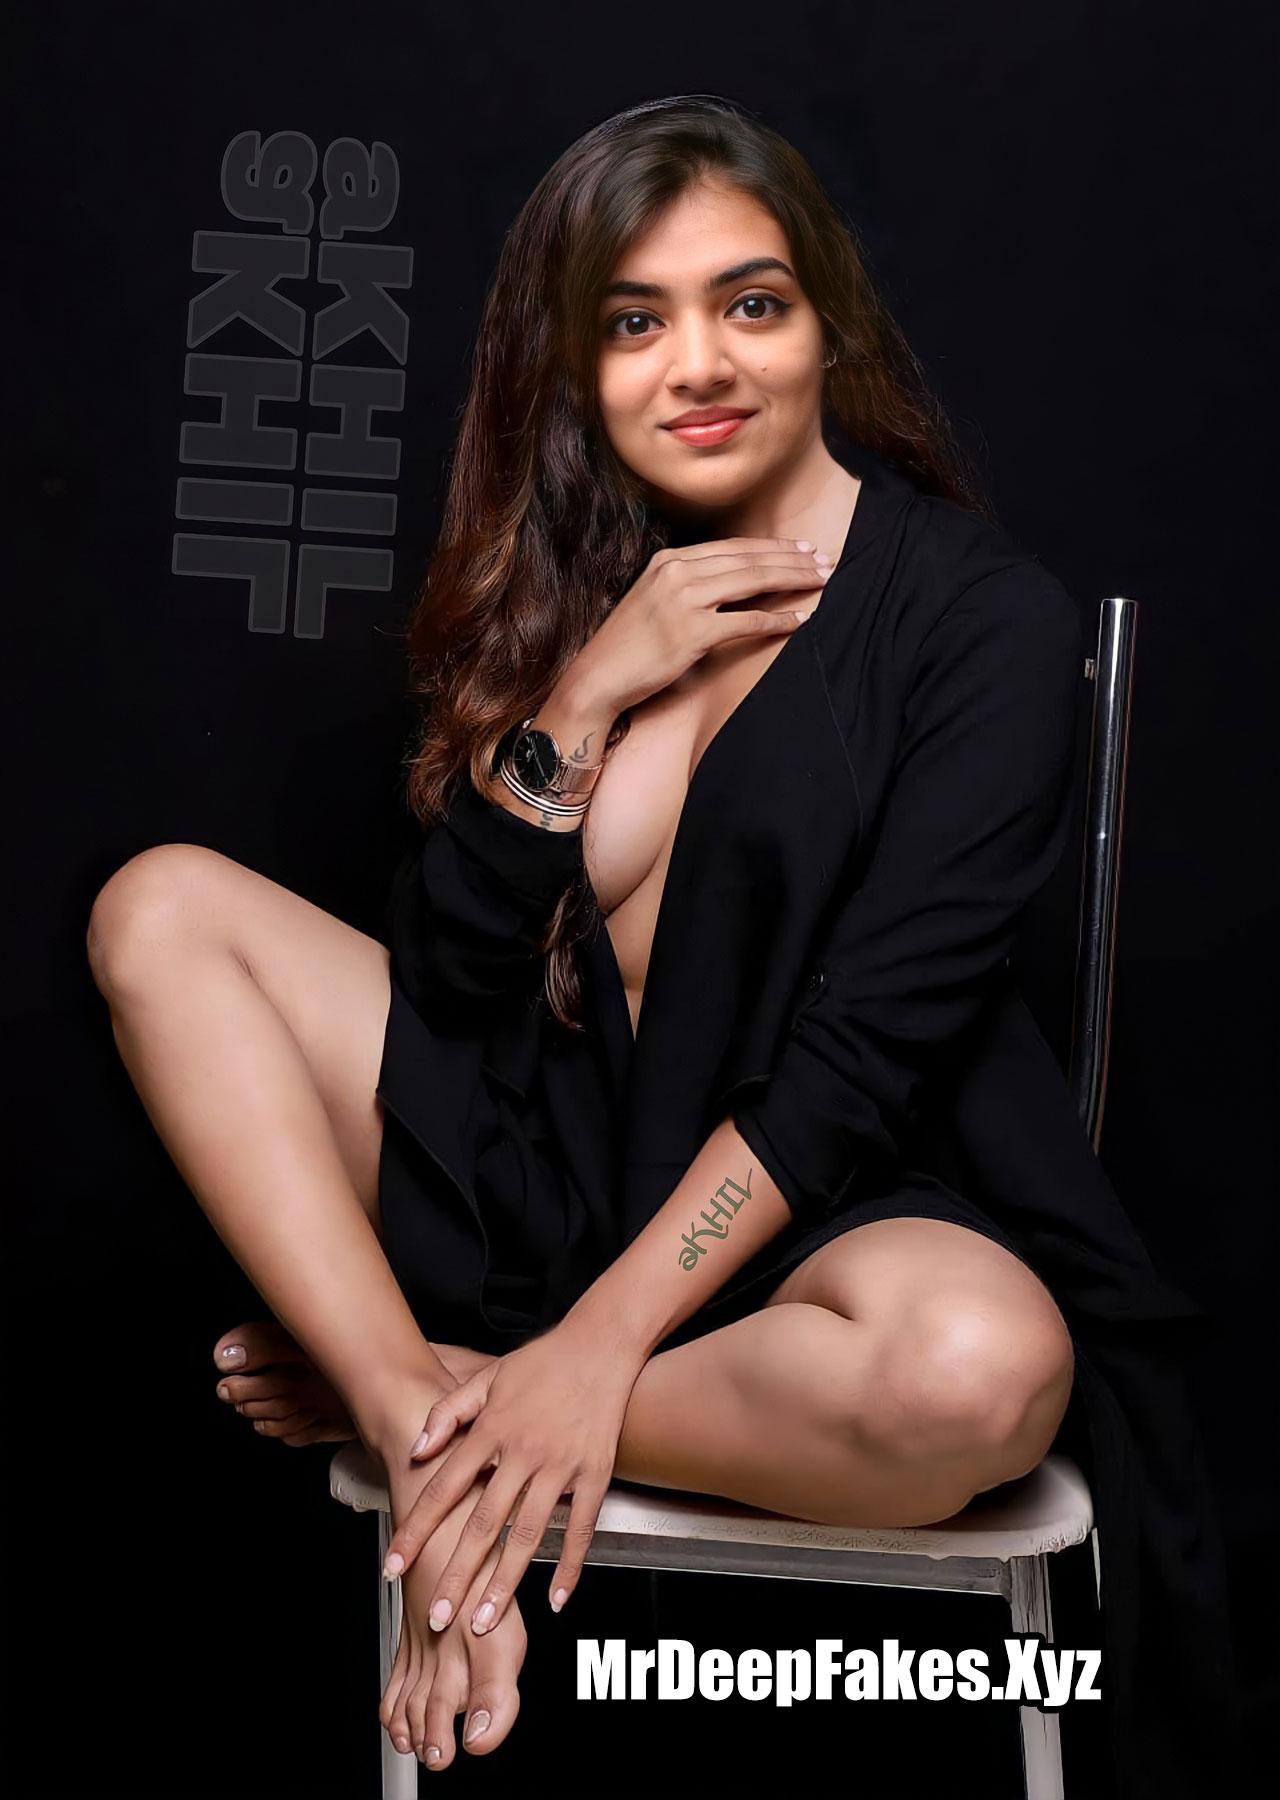 Nazriya Nude Boobs Xxx Fakes Without Bra Open Shirt